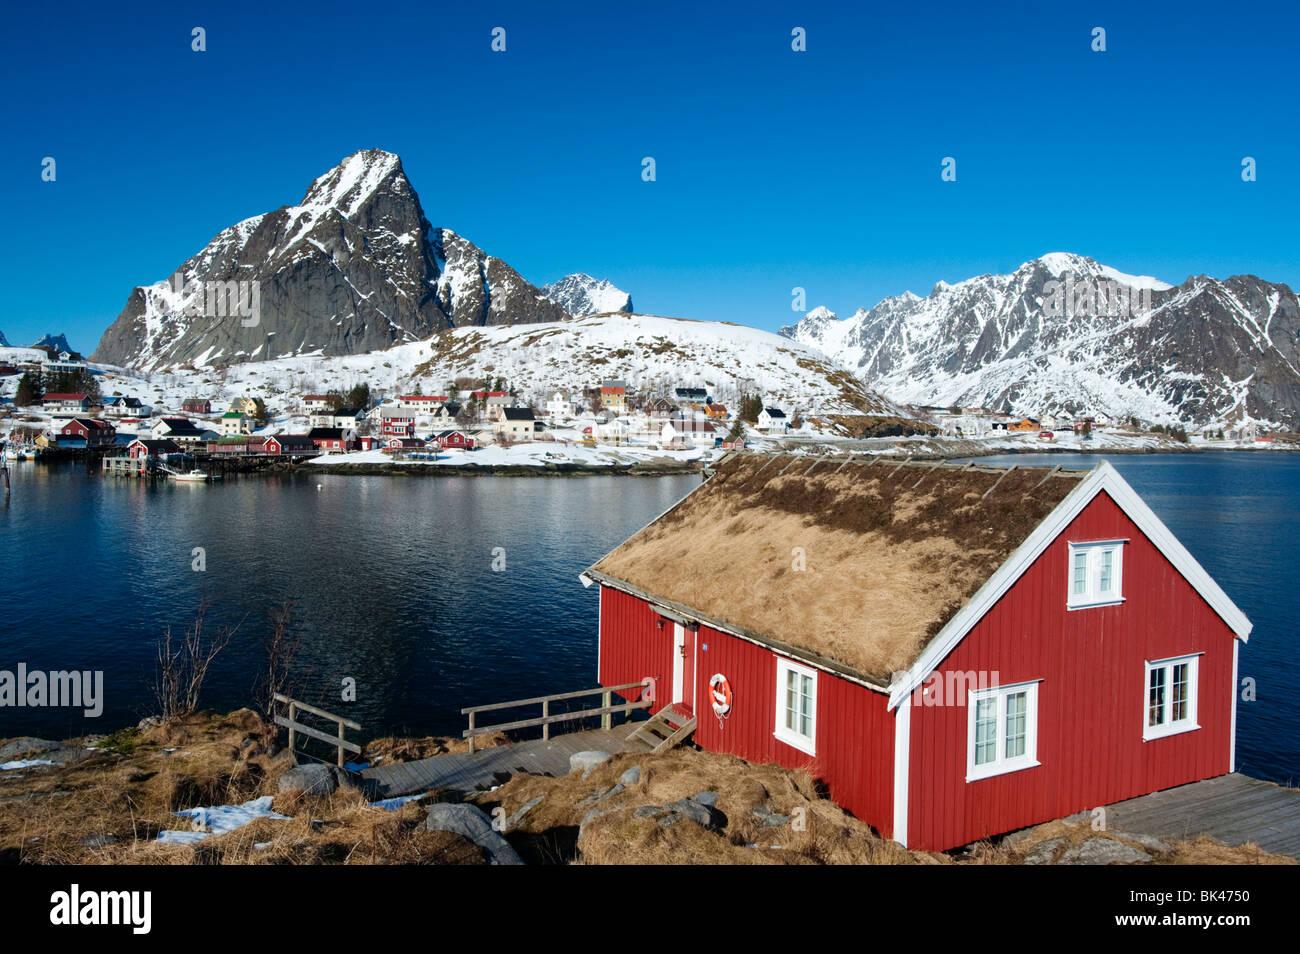 Isole Lofoten; tradizionale in legno rosso Rorbu Fisherman's capanna nel villaggio di Reine in Norvegia Immagini Stock